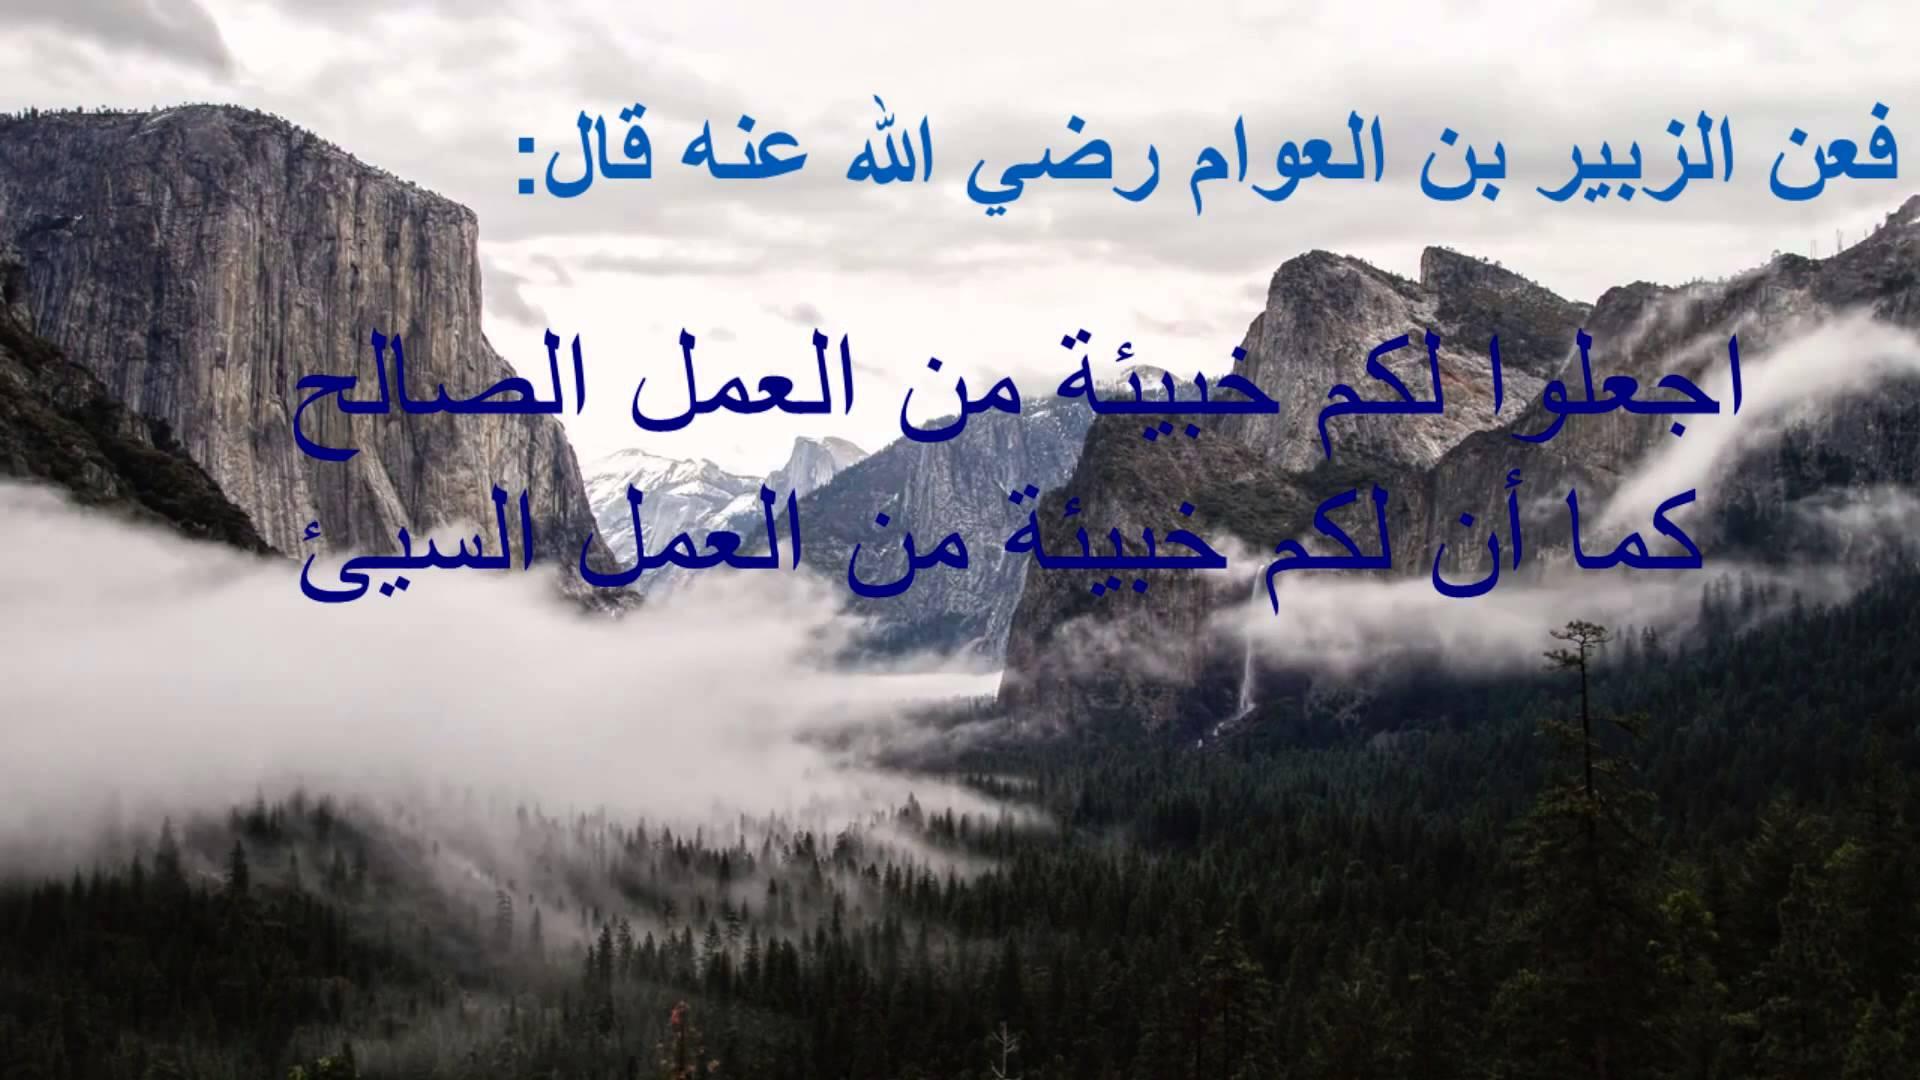 بالصور اجعل بينك وبين الله خبيئة 20160711 1247